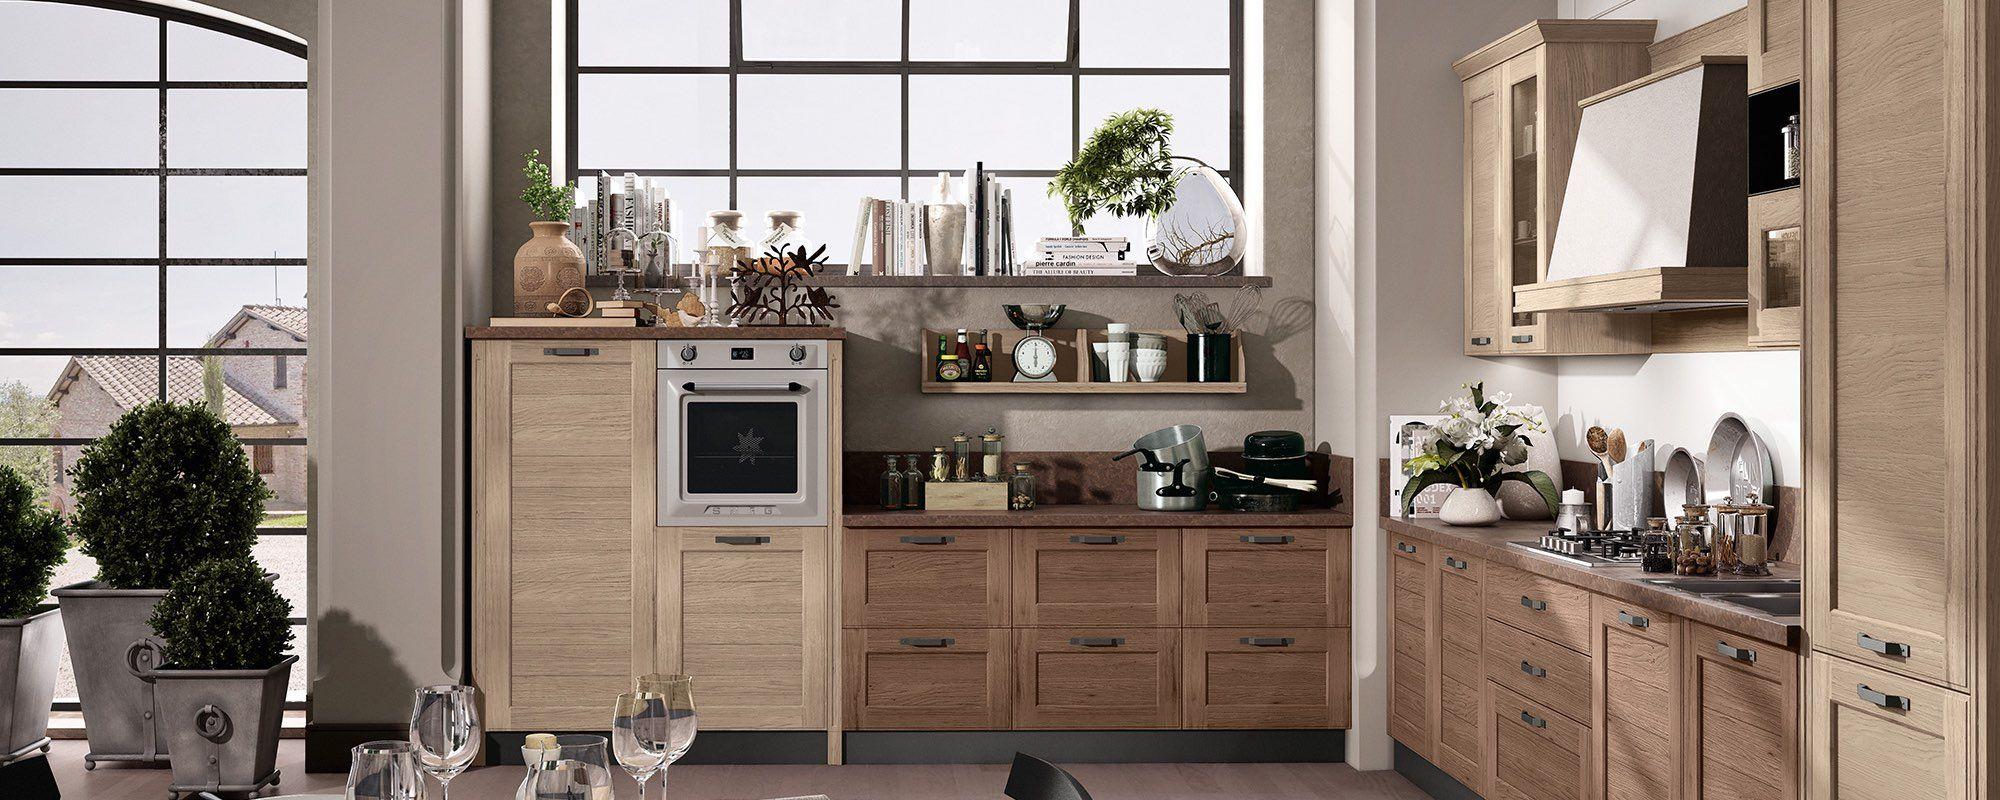 cucine moderne contemporanee stosa - modello cucina york 09 | con ...